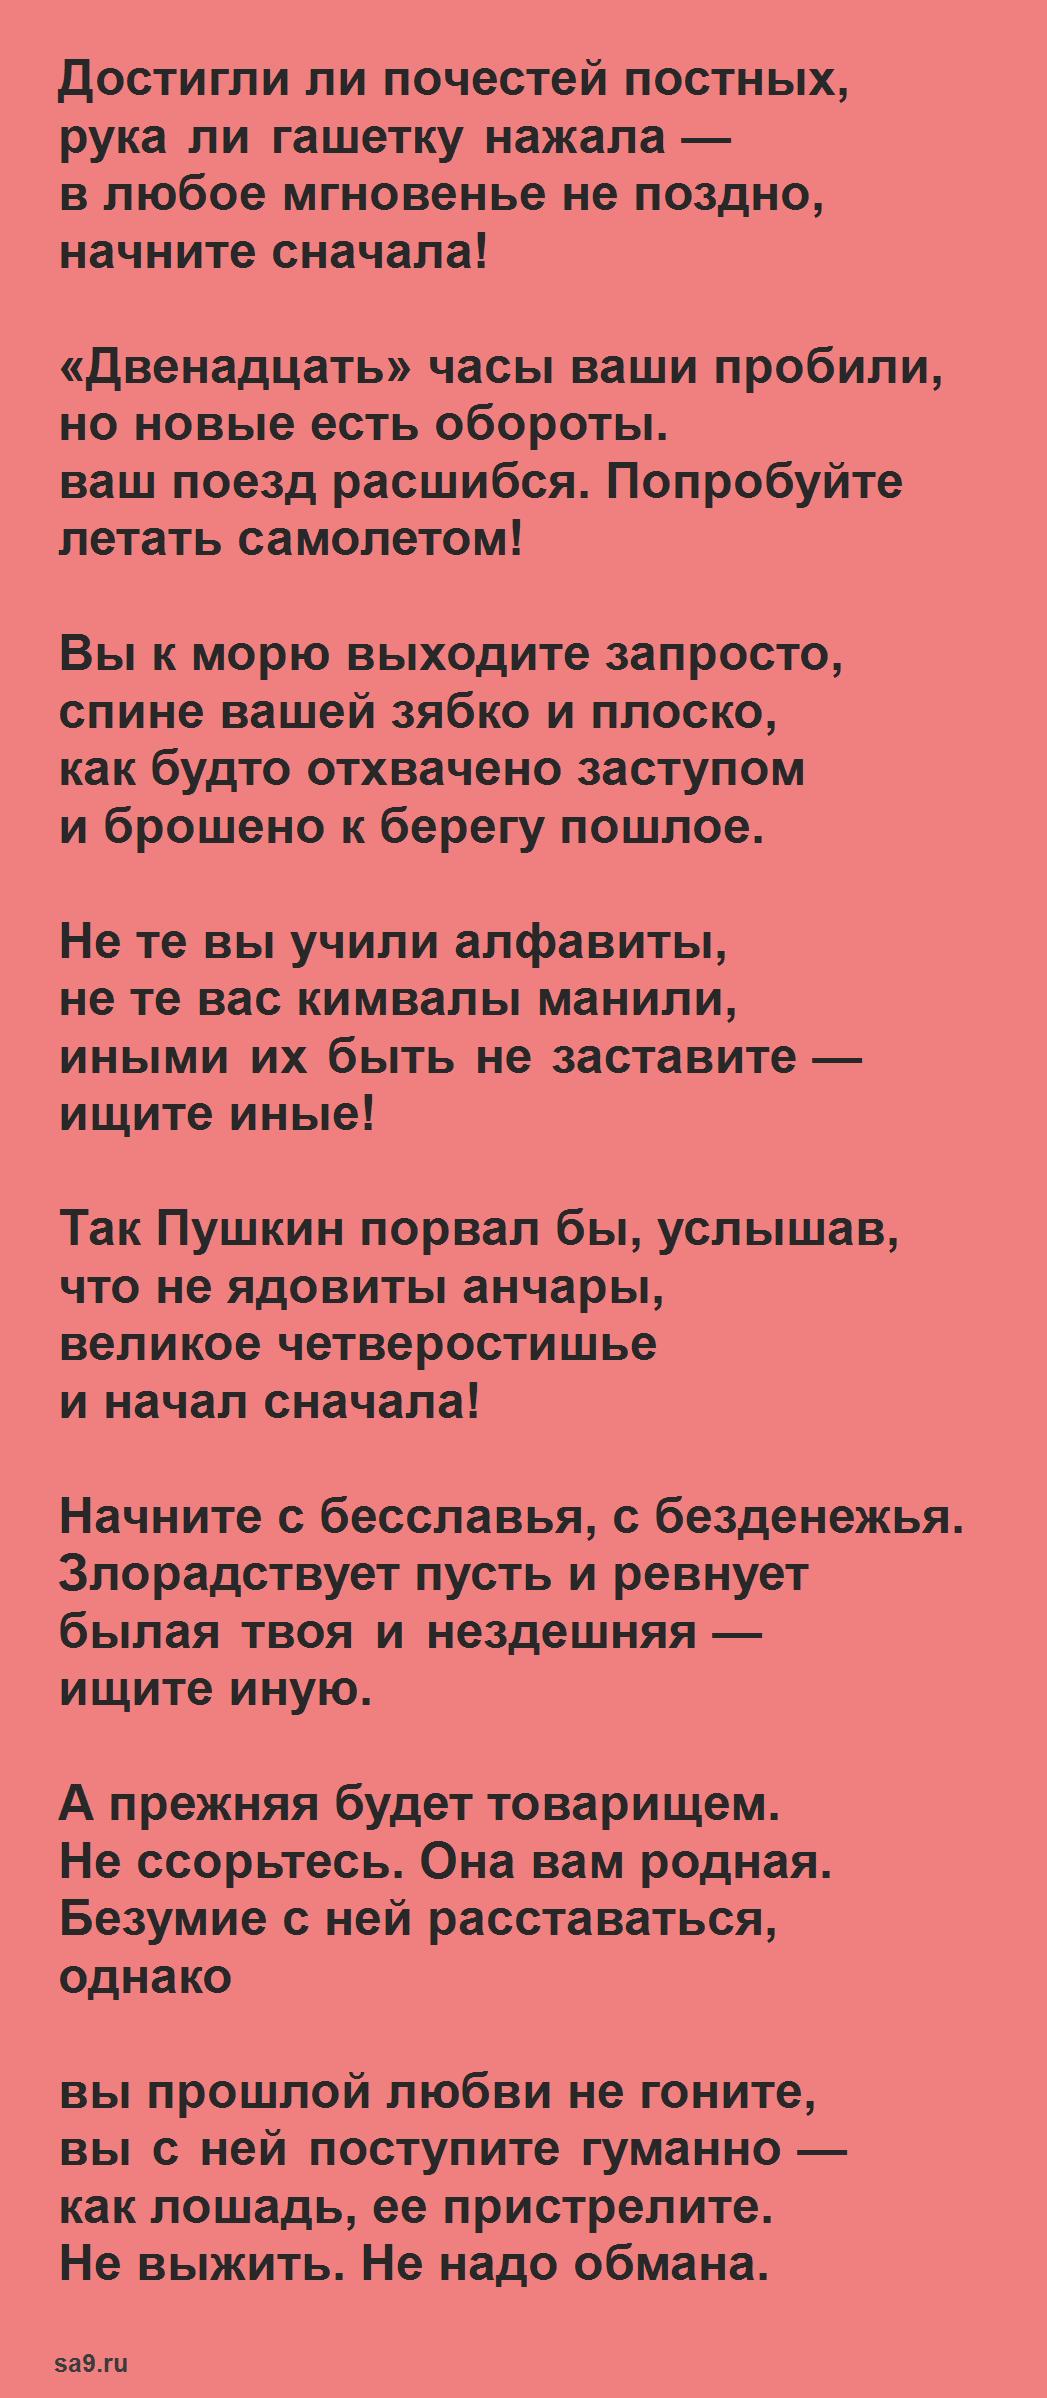 Вознесенский стихи лучшие - Сначала